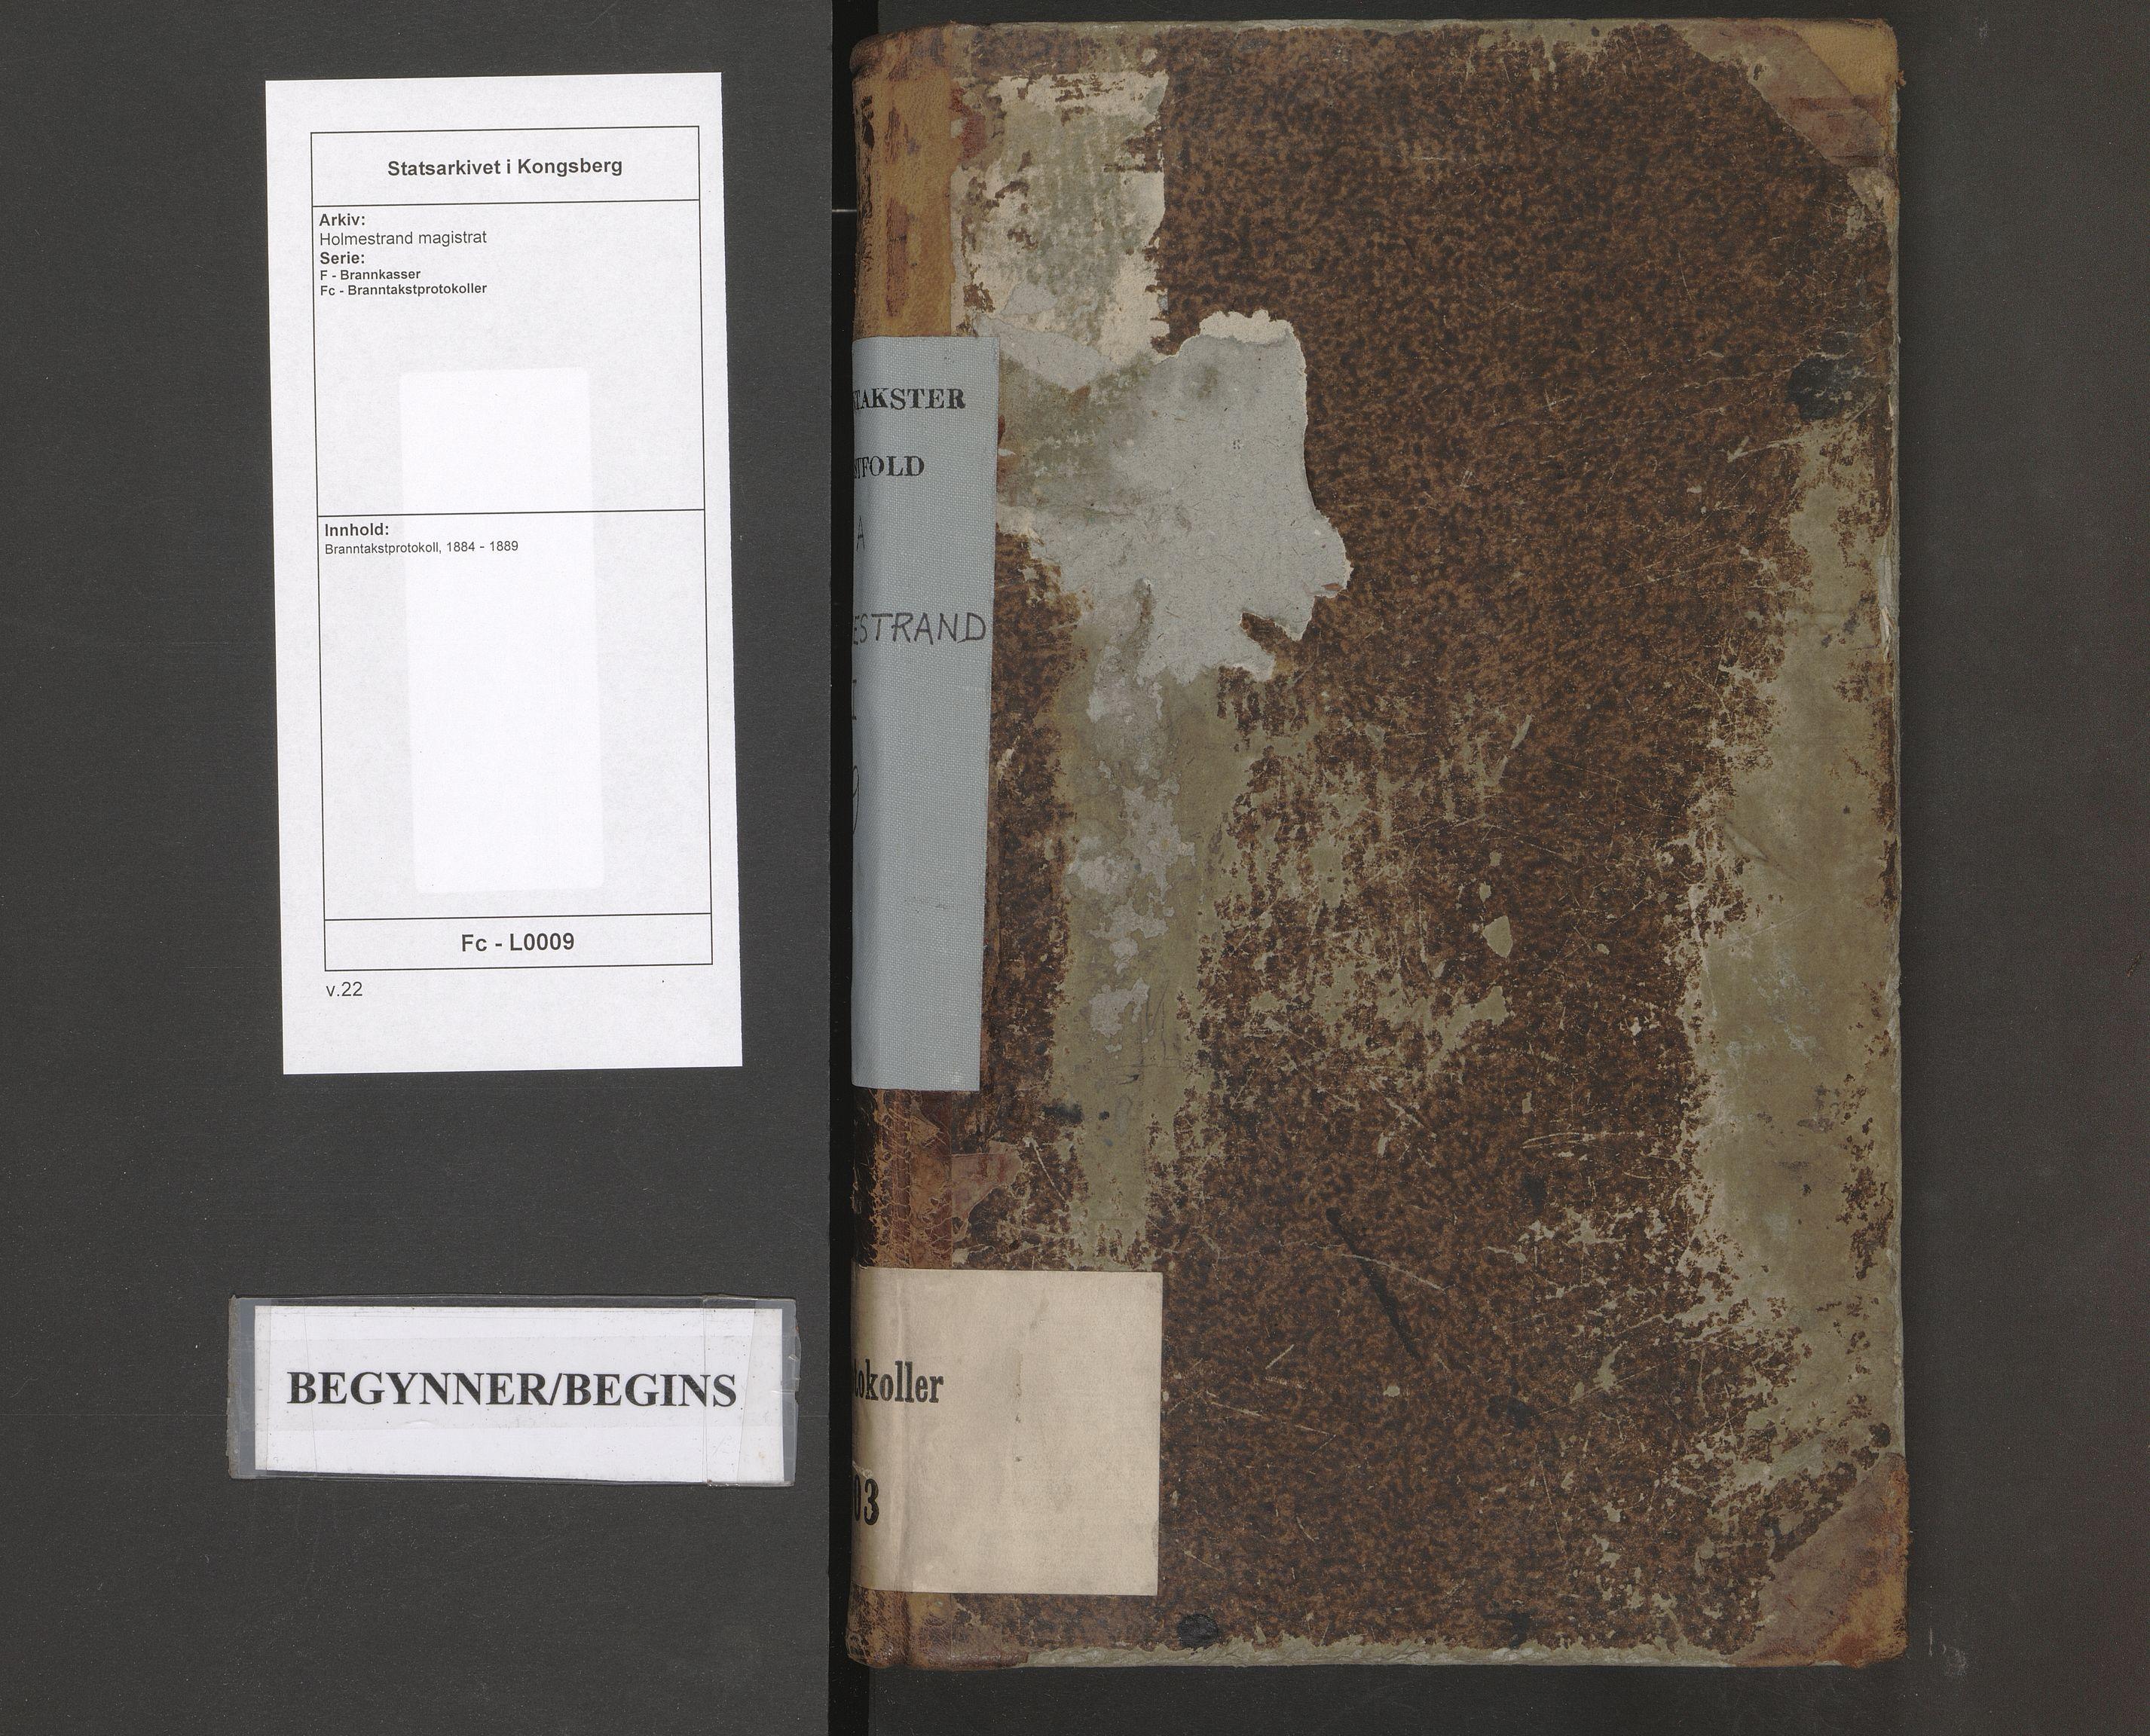 SAKO, Holmestrand magistrat, F/Fc/L0009: Branntakstprotokoll, 1884-1889